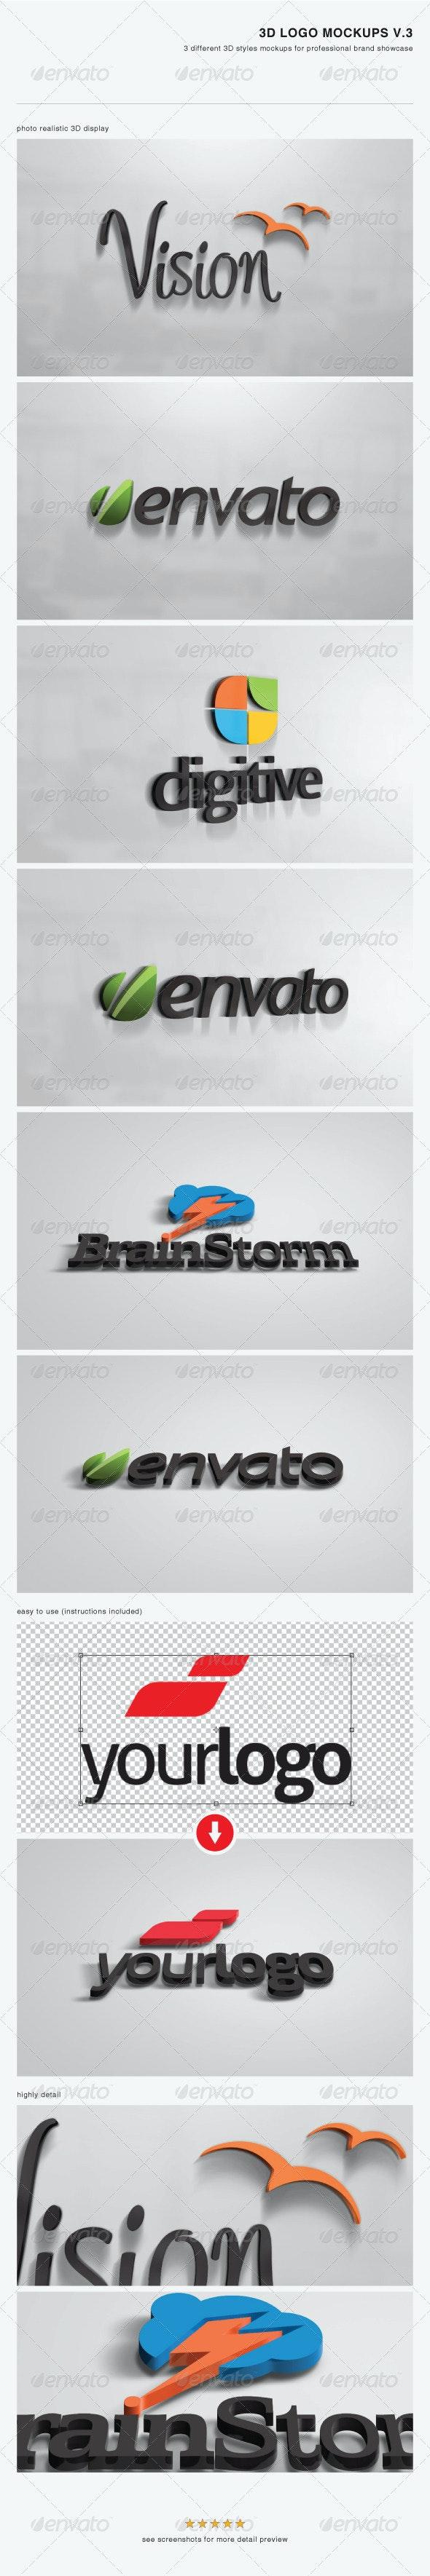 3D Logo Mockups V.3 - Logo Product Mock-Ups